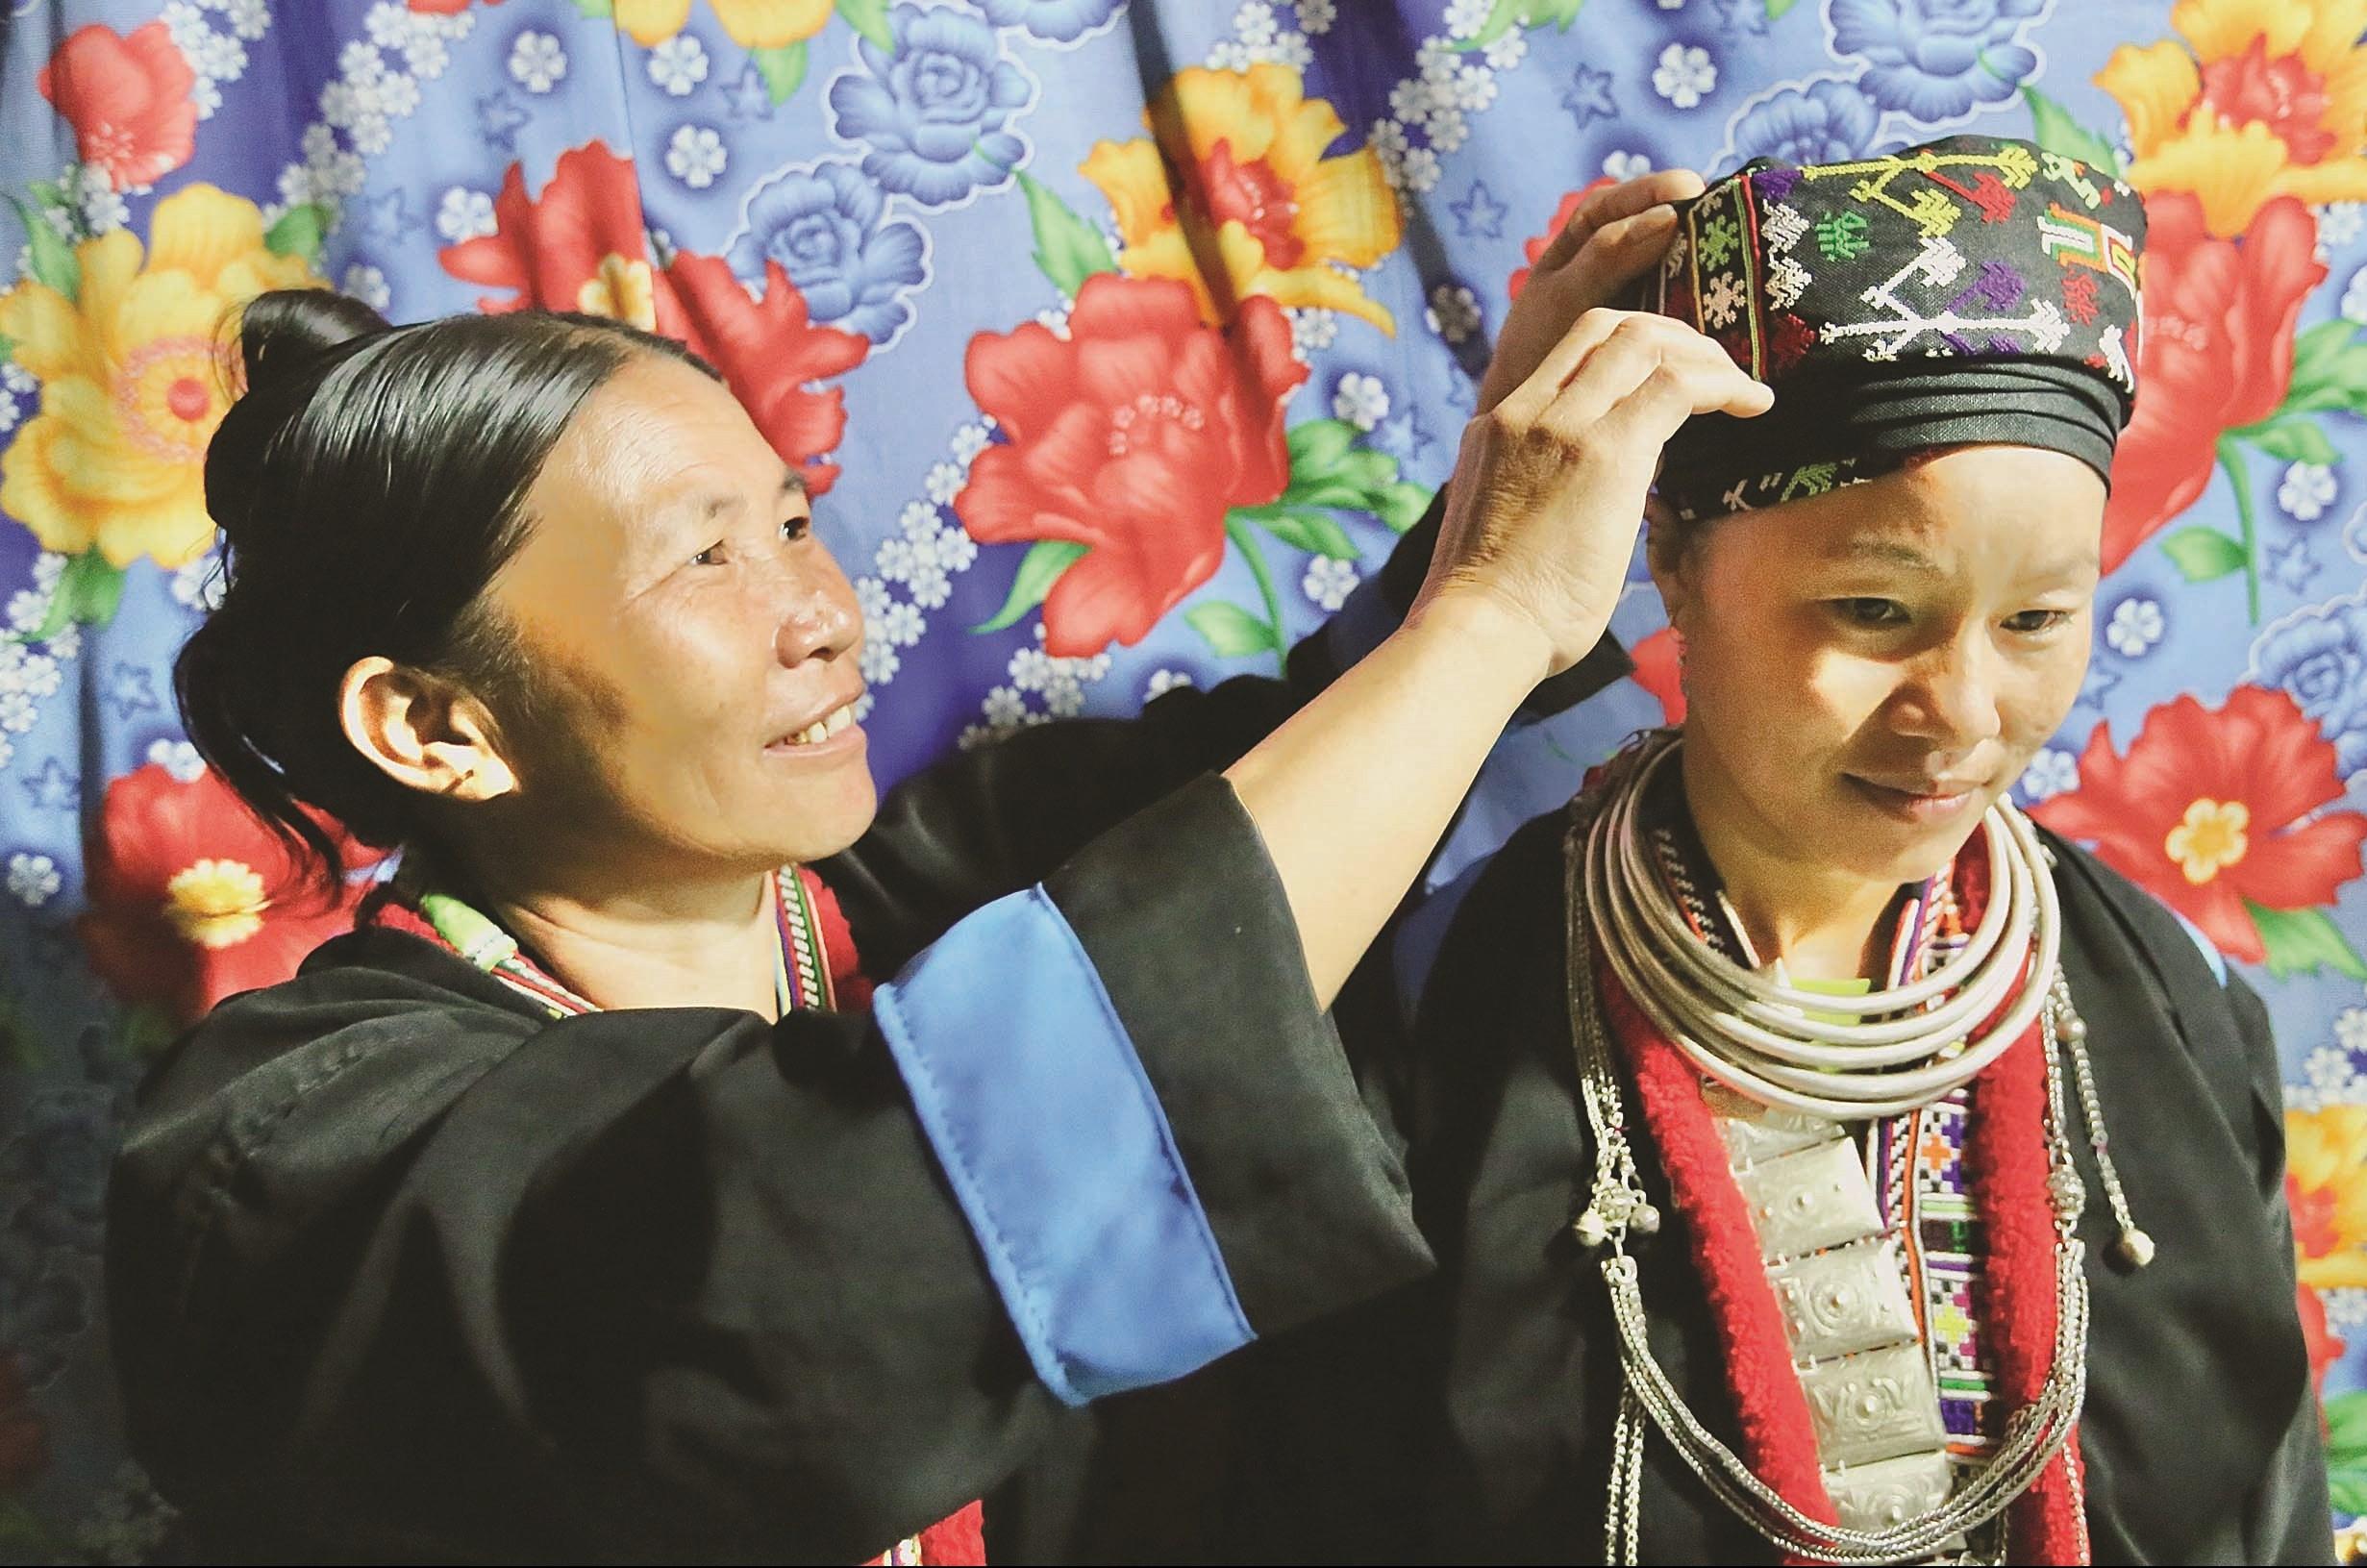 Trang phục truyền thống của người Dao ở Nậm Pồ